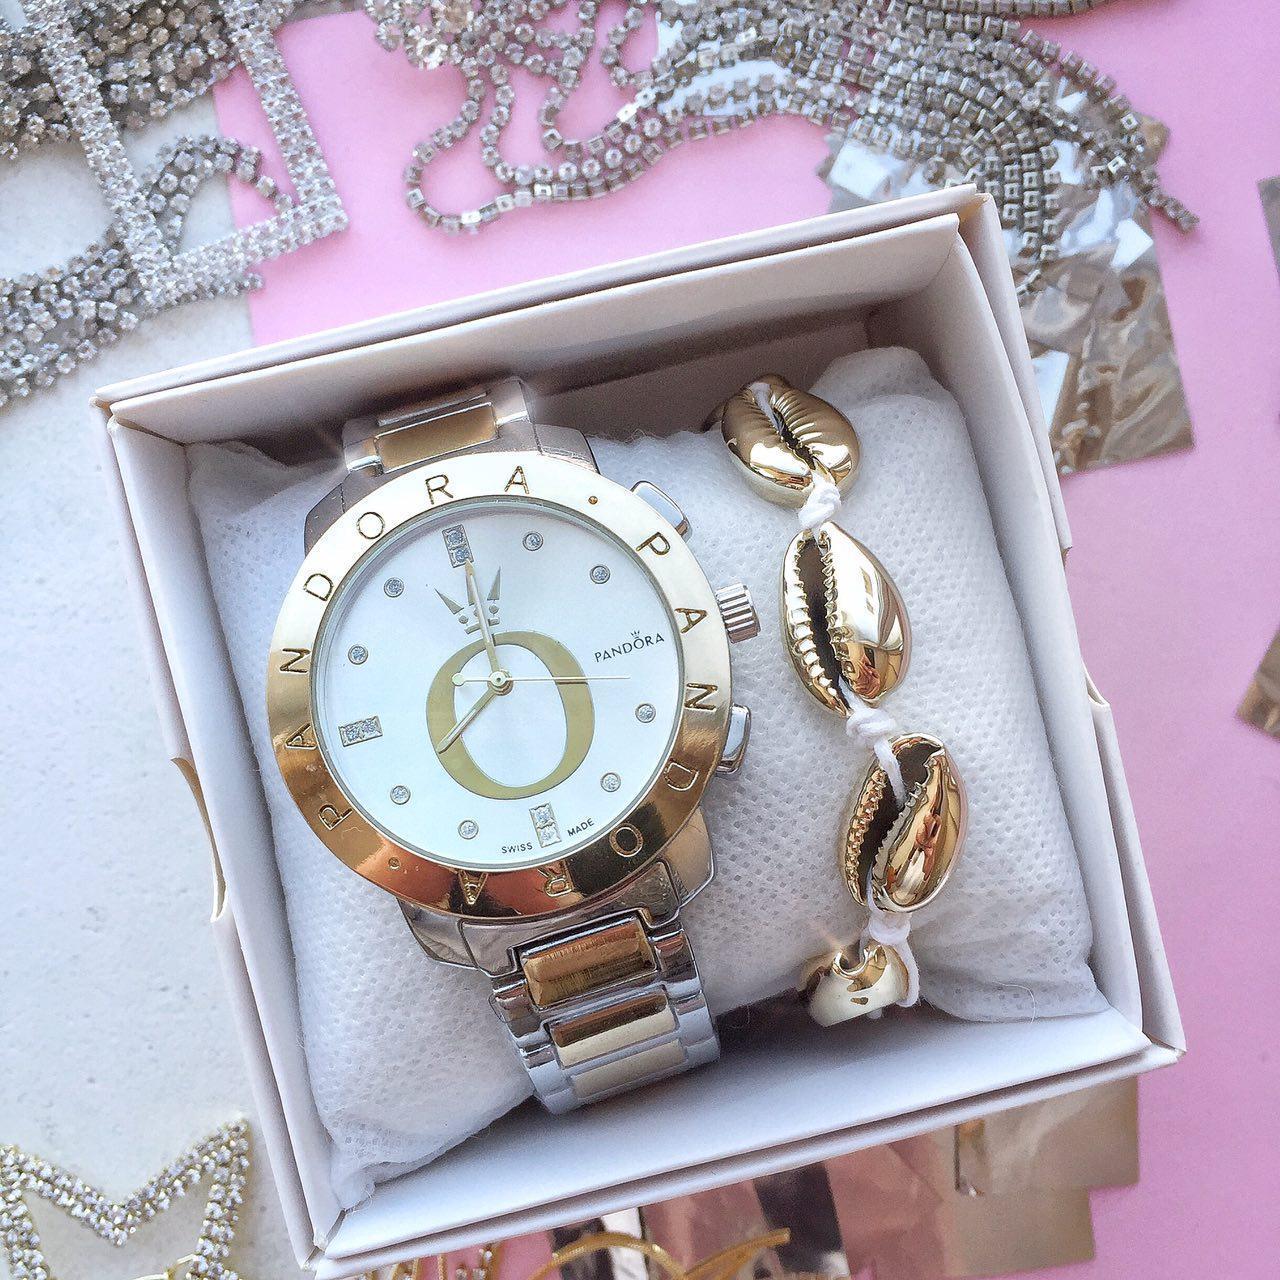 Женские наручные часы в стиле Pandora золотые. Наручные кварцевые часы из нержавеющей стали. Годинник жіночій